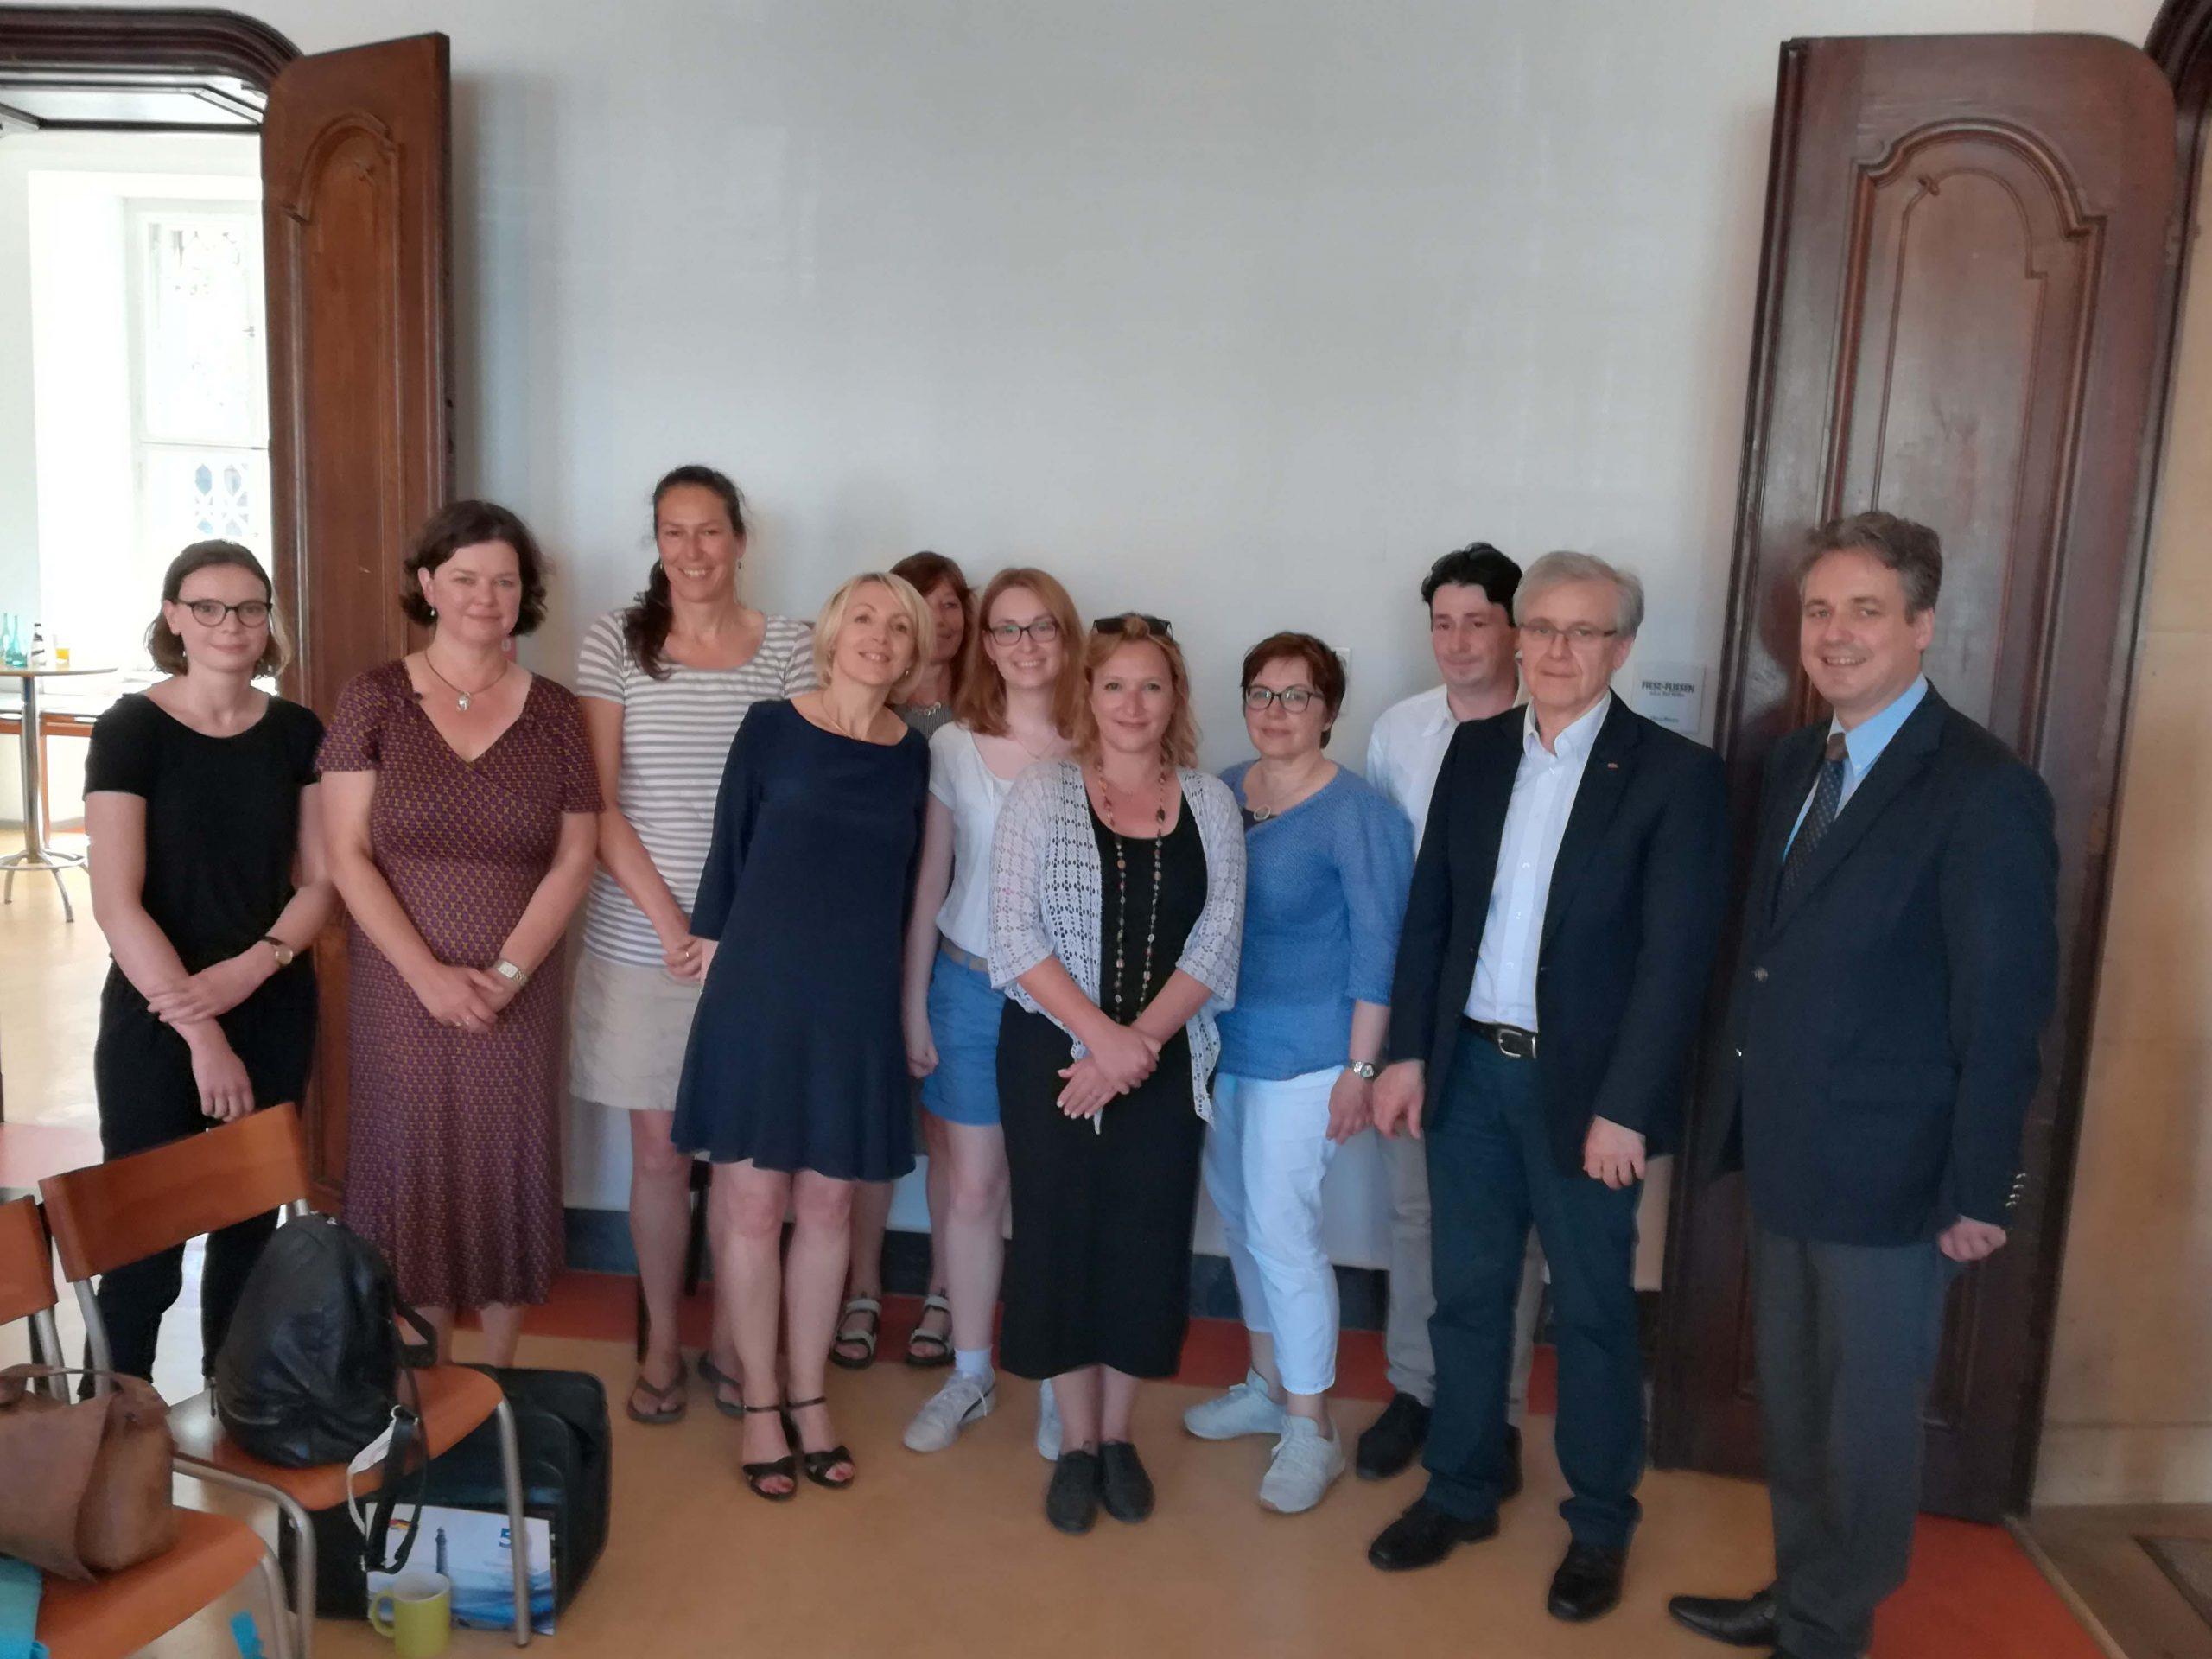 Die Mitglieder der IGP e.V. mit den DFJW-Generalsekretären.